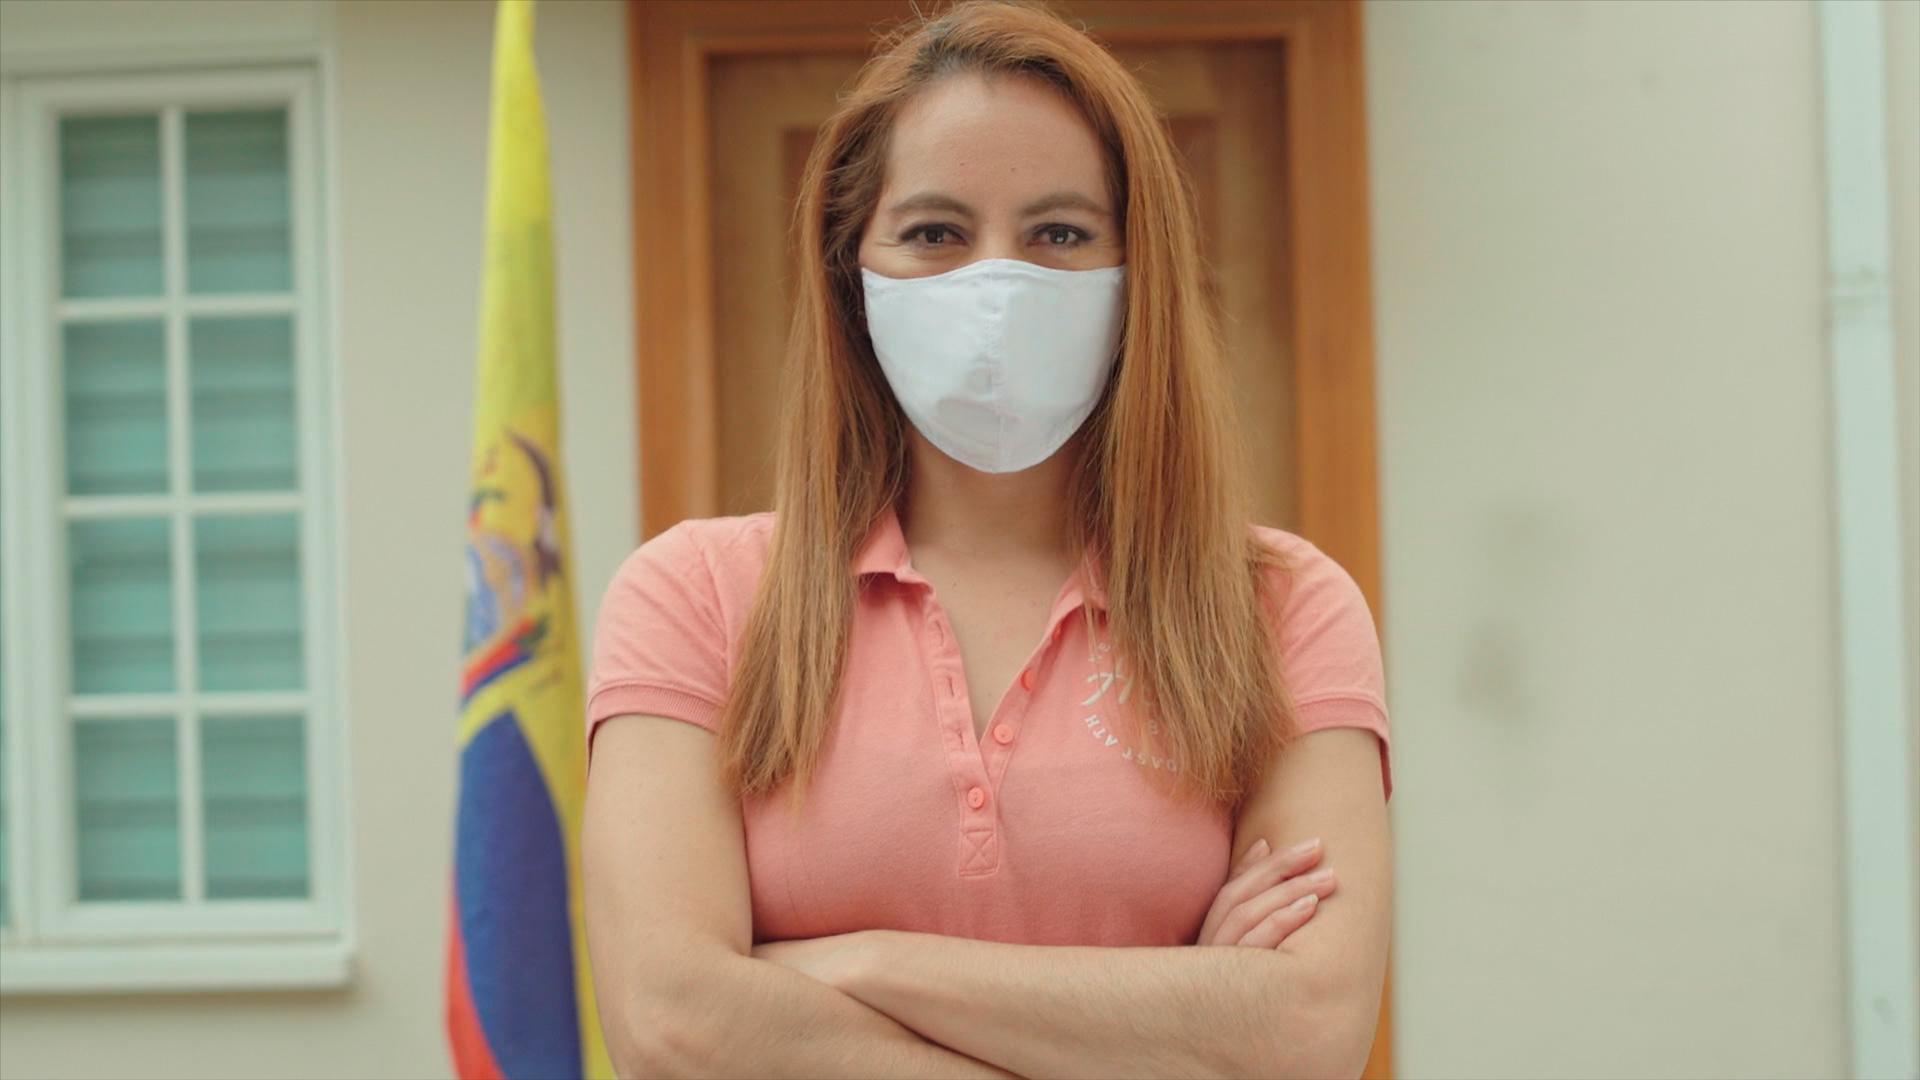 Imagen de mujer ecuatoriana con bandera en la parte posterior, usando mascarilla